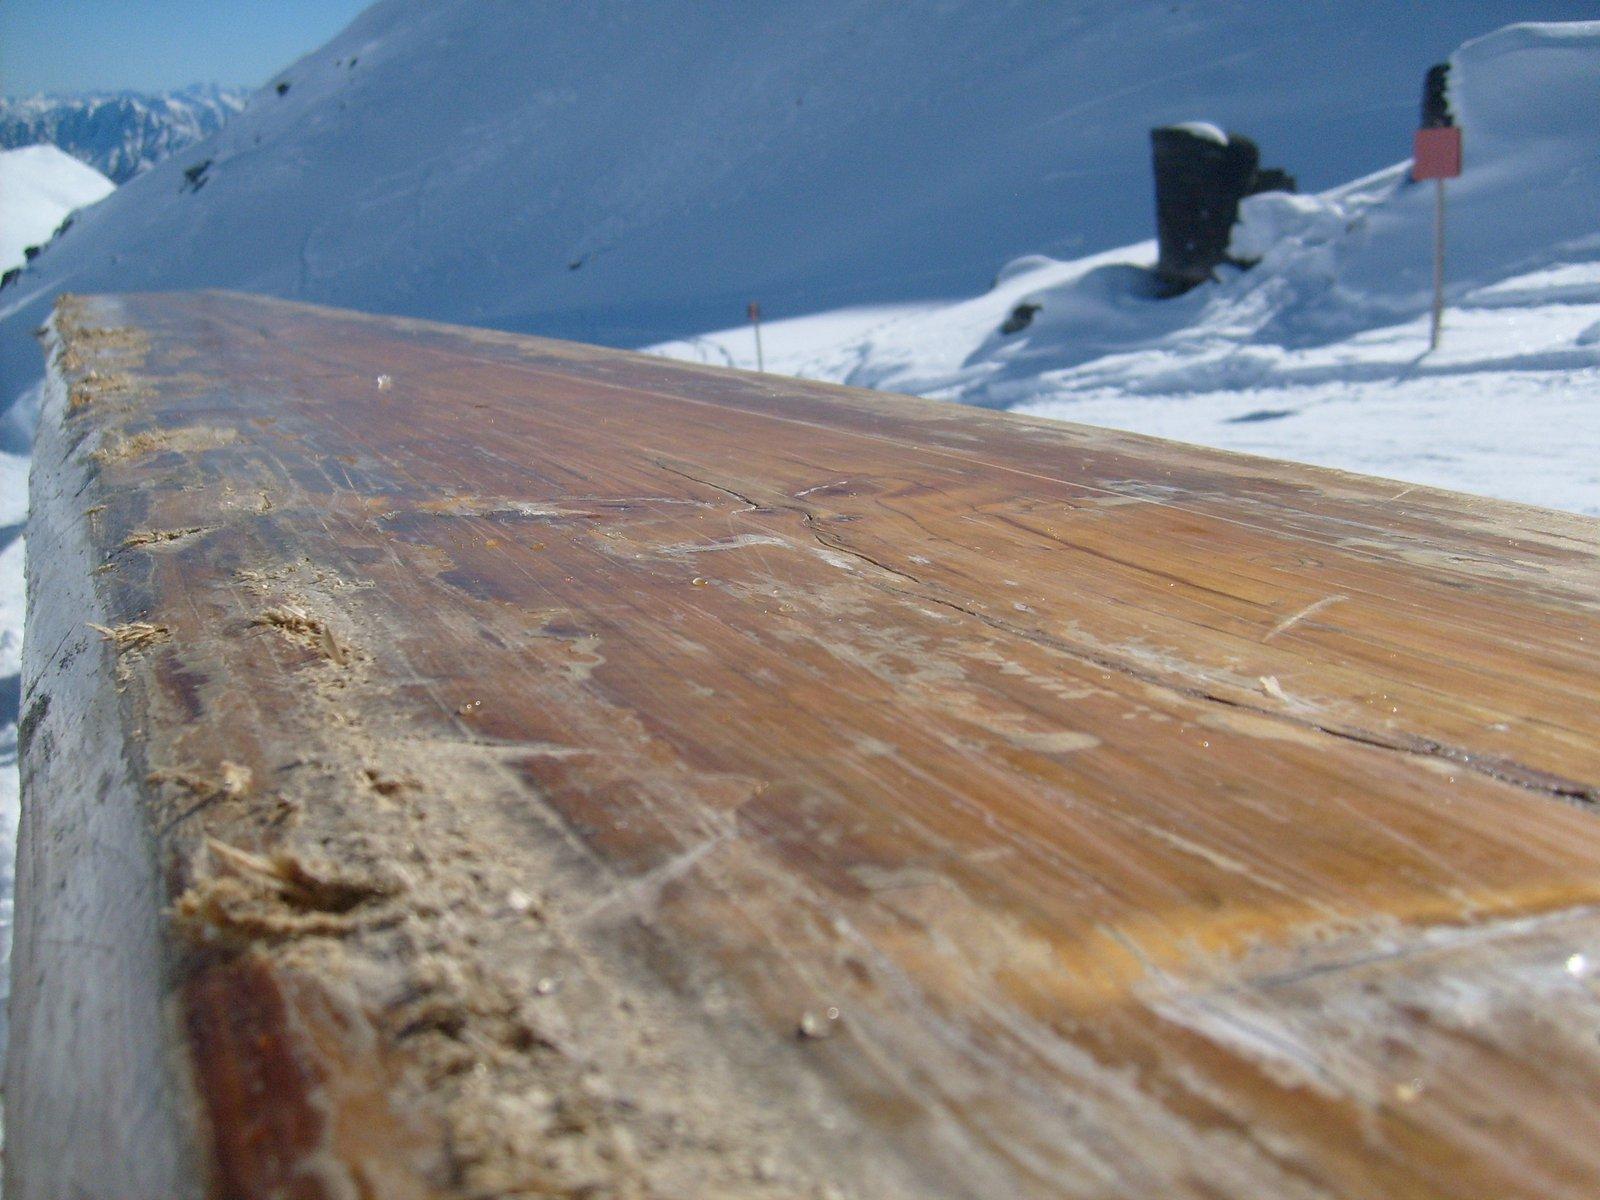 Log rail